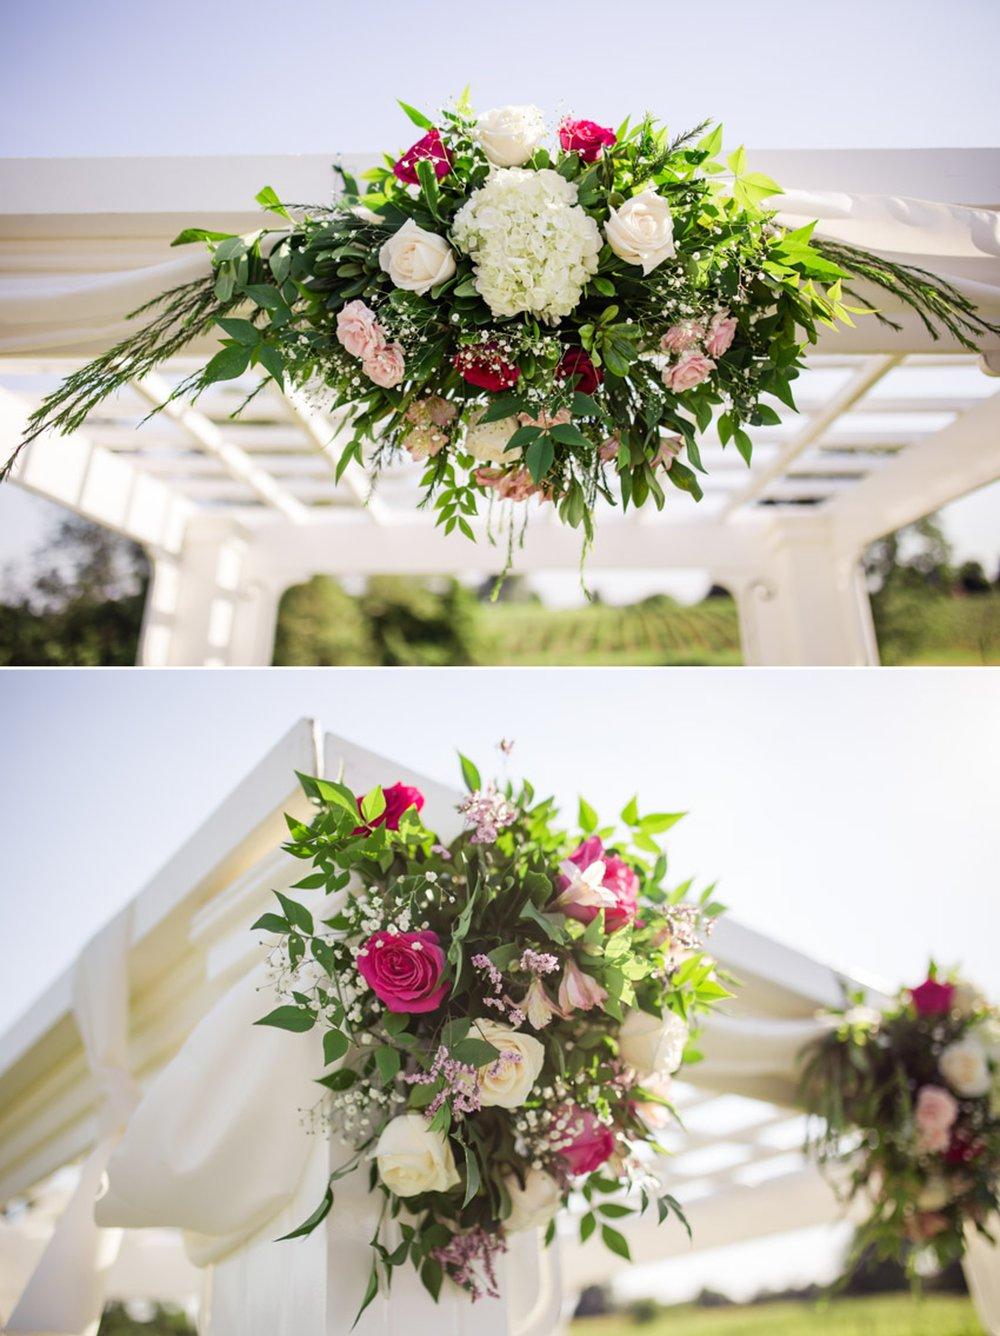 Flowers on a Wedding Gazebo